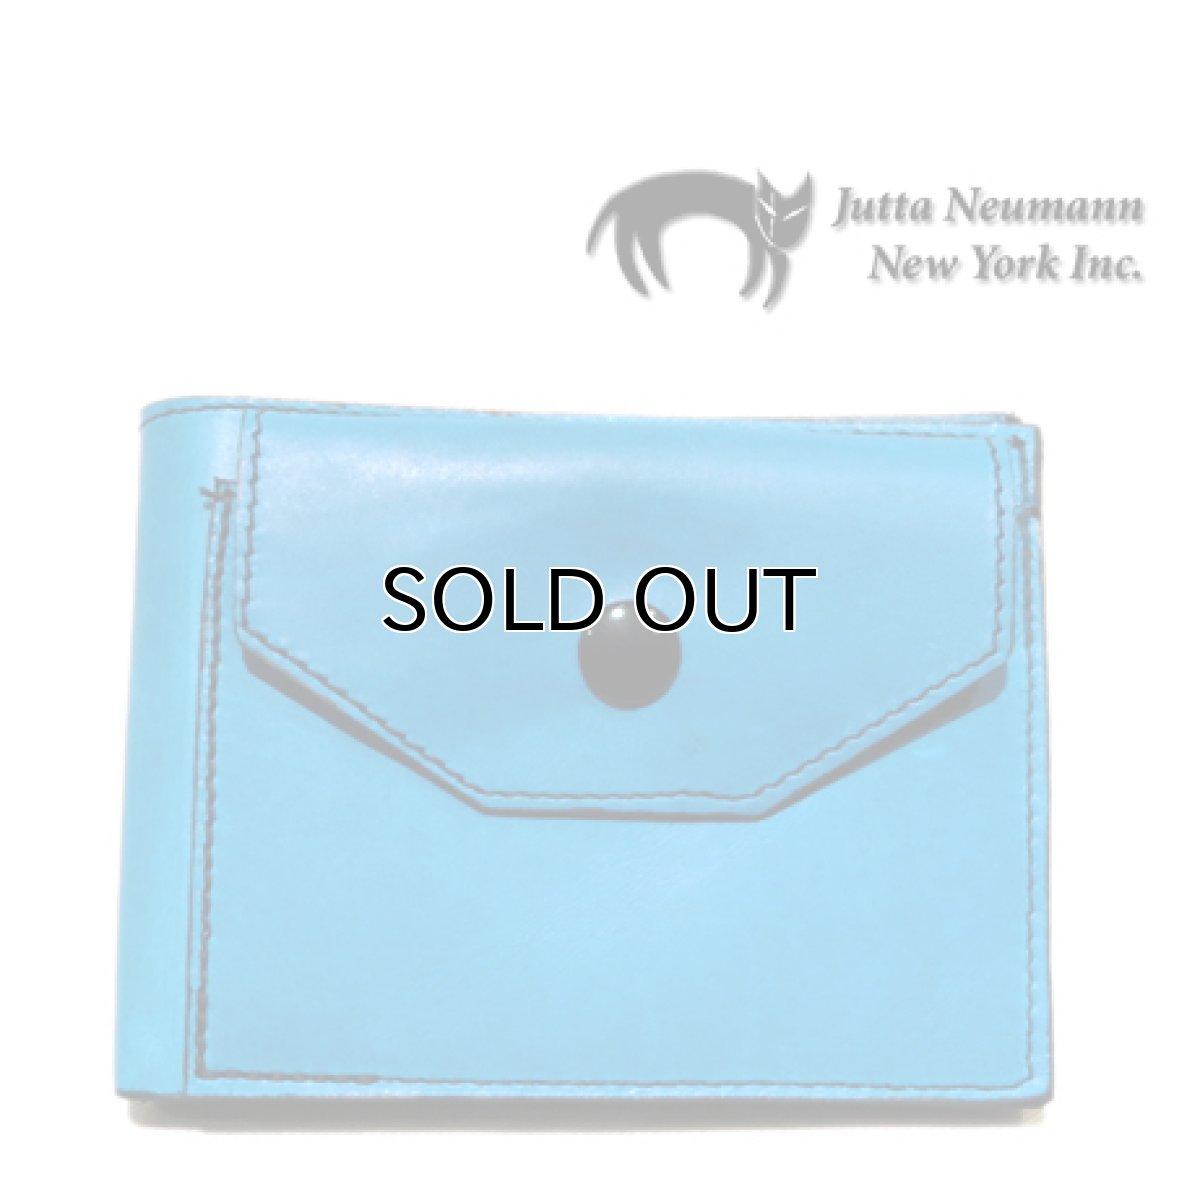 """画像1: """"JUTTA NEUMANN"""" Leather Wallet with Change Purse   color : Turquoise / Pink (1)"""